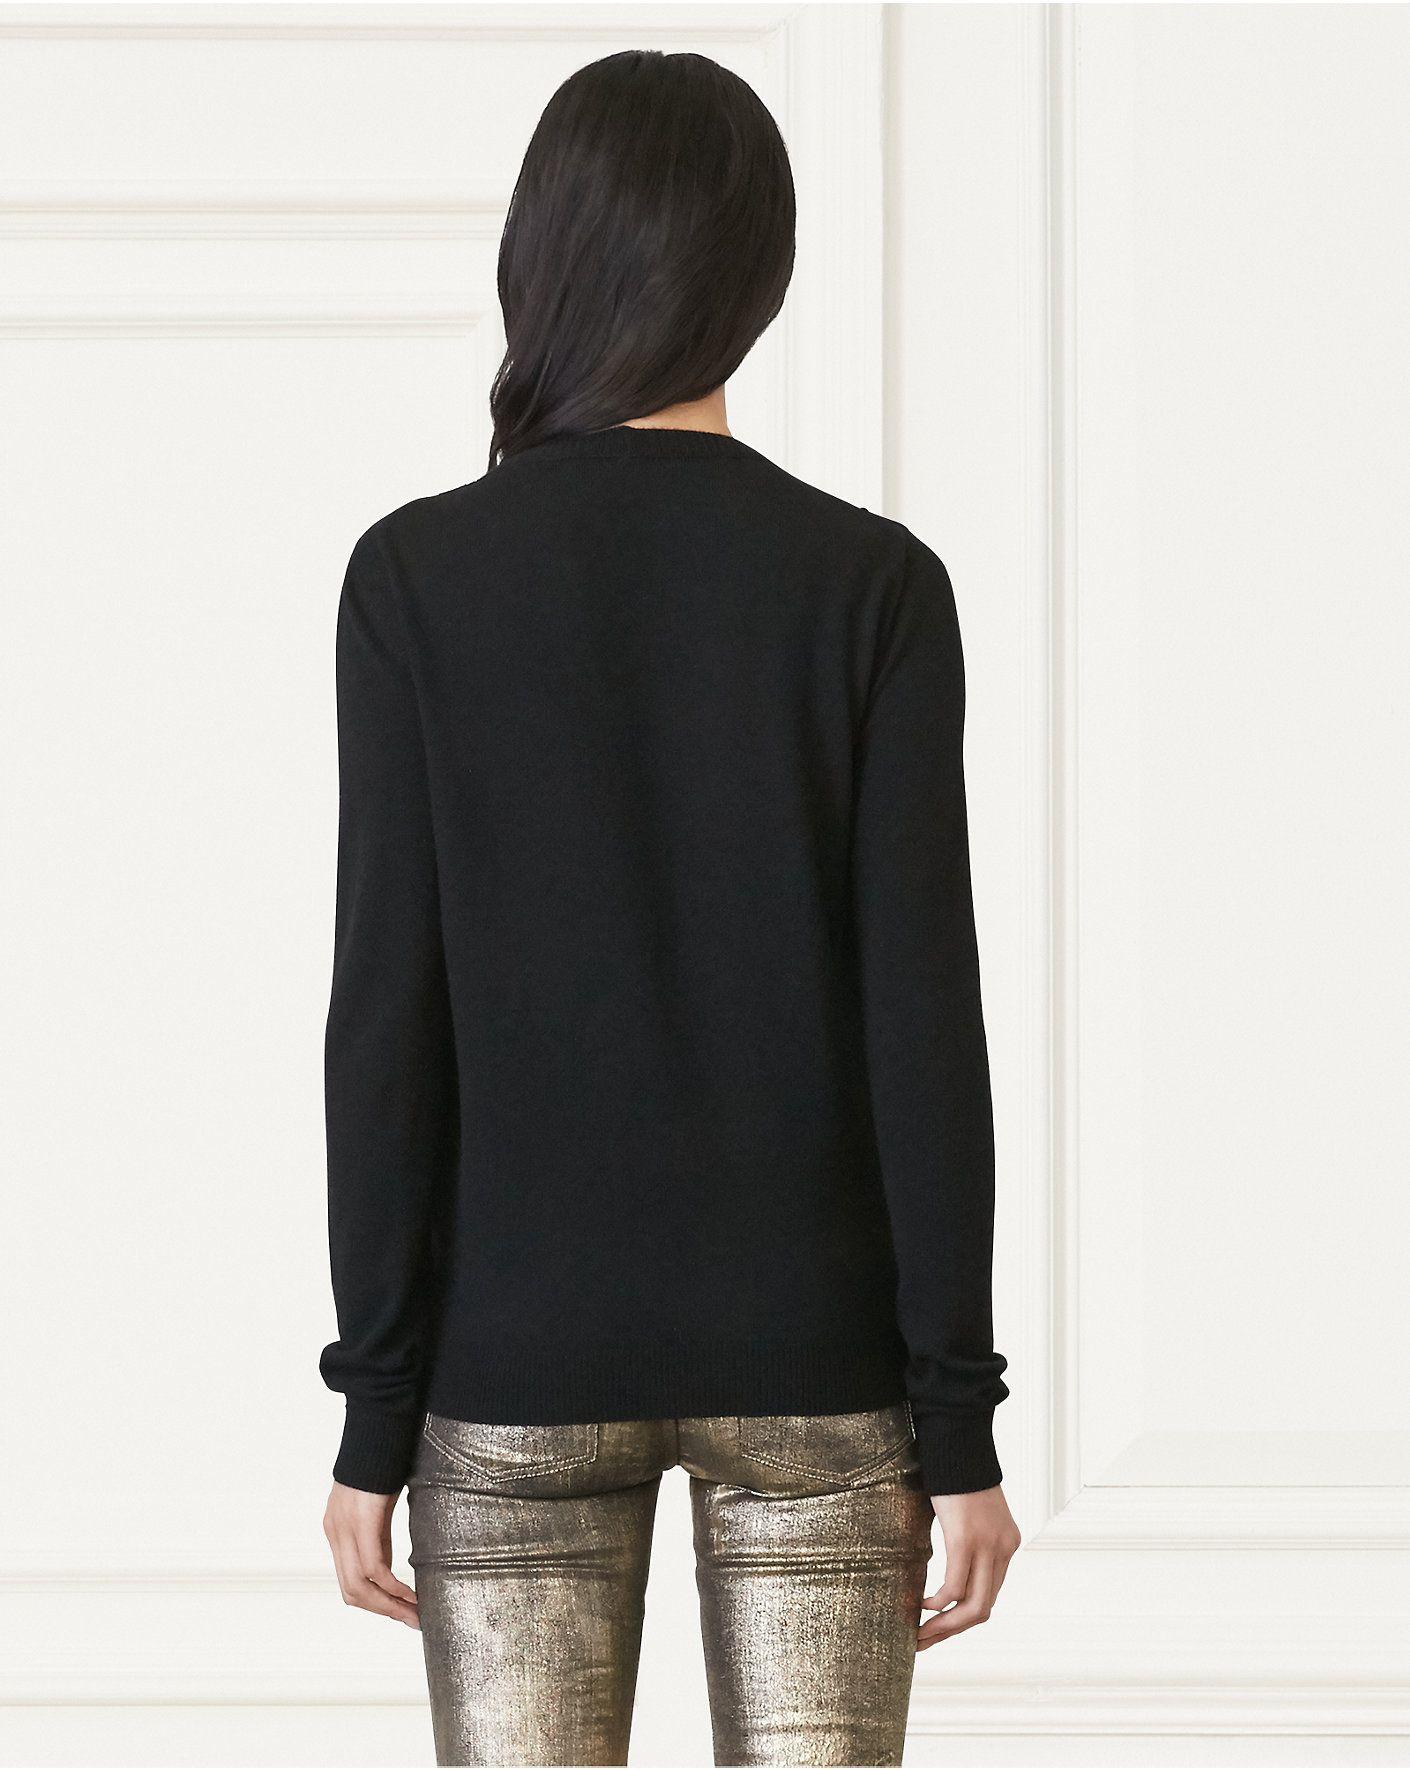 583edc03e7e0d Velvet-Front Cashmere Cardigan Ralph Lauren Collection, Cashmere Cardigan,  Velvet